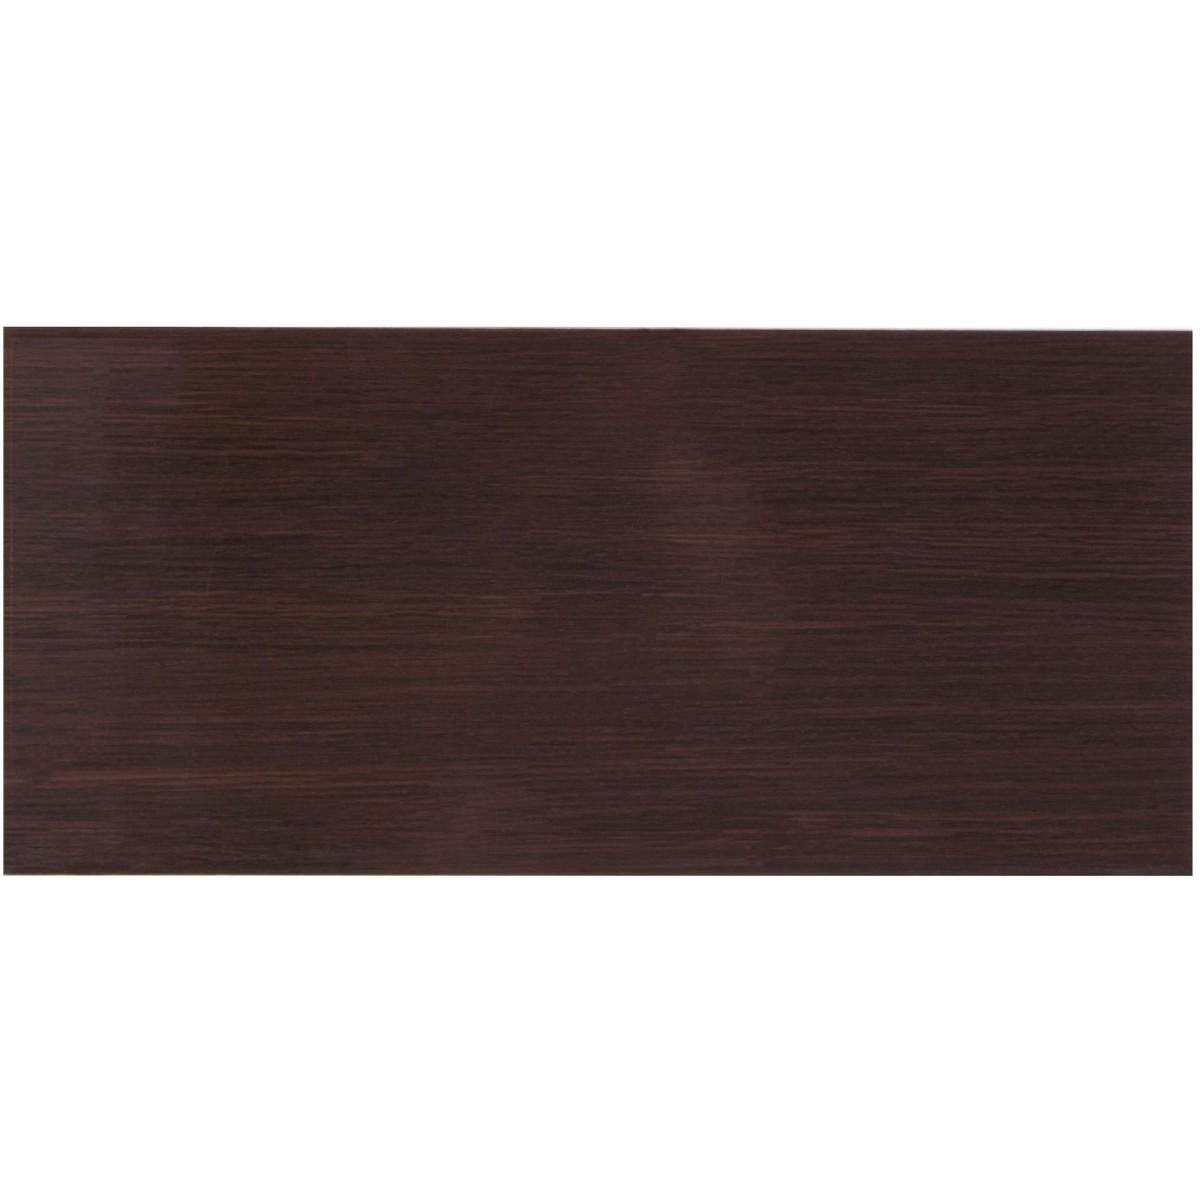 Плитка настенная INCANTO_IC темнокоричневый 50х23 см  115 м2